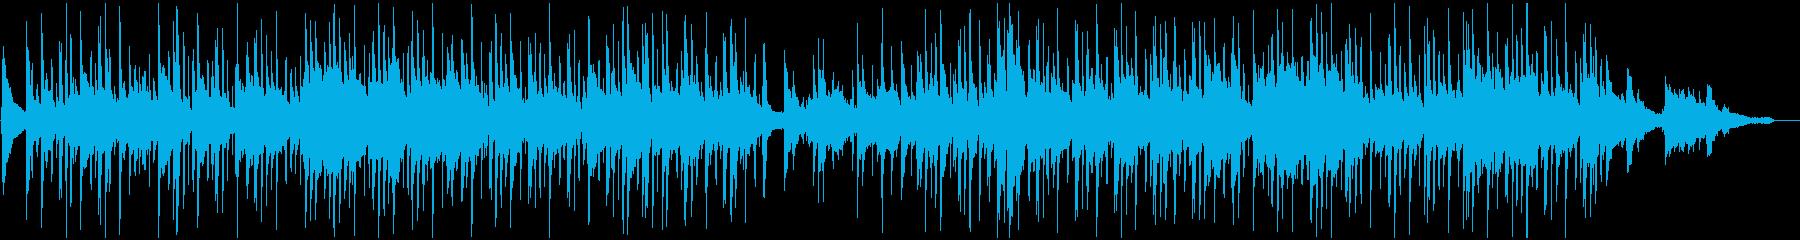 気だるいヒップホップジャズの再生済みの波形